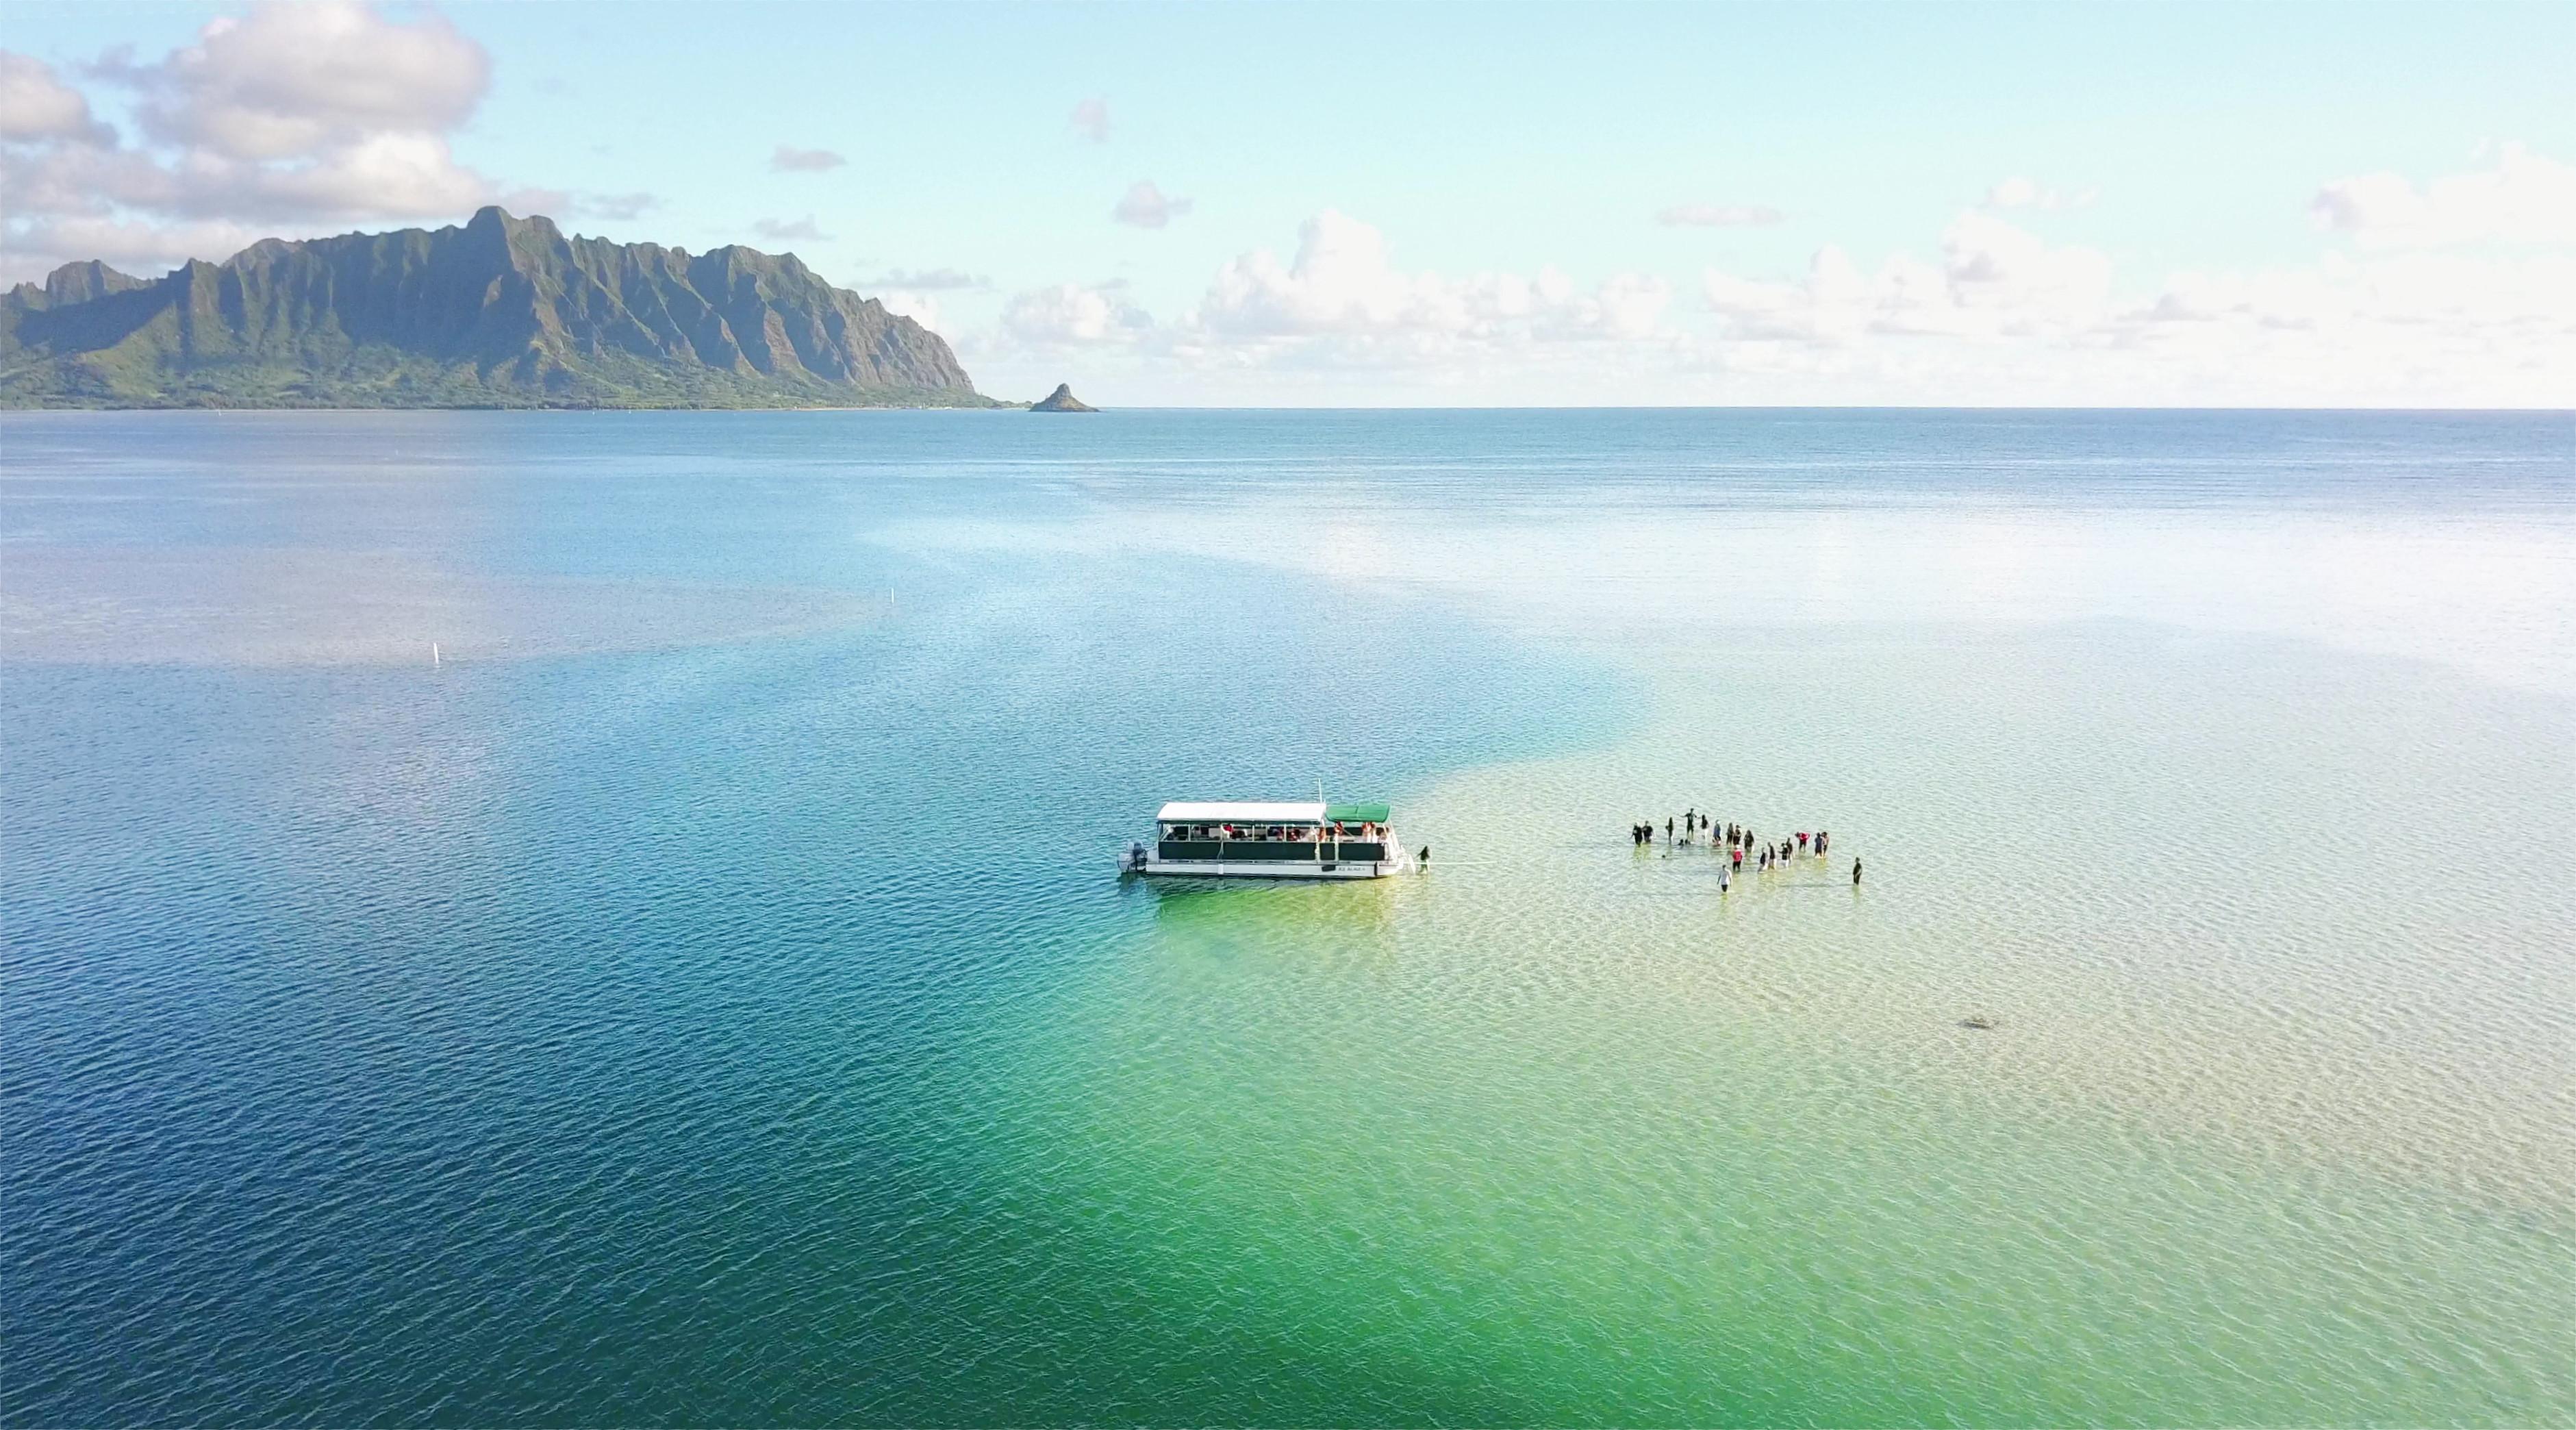 Kaneohe Sandbar Turtle Watching & Snorkeling Tour [PM]